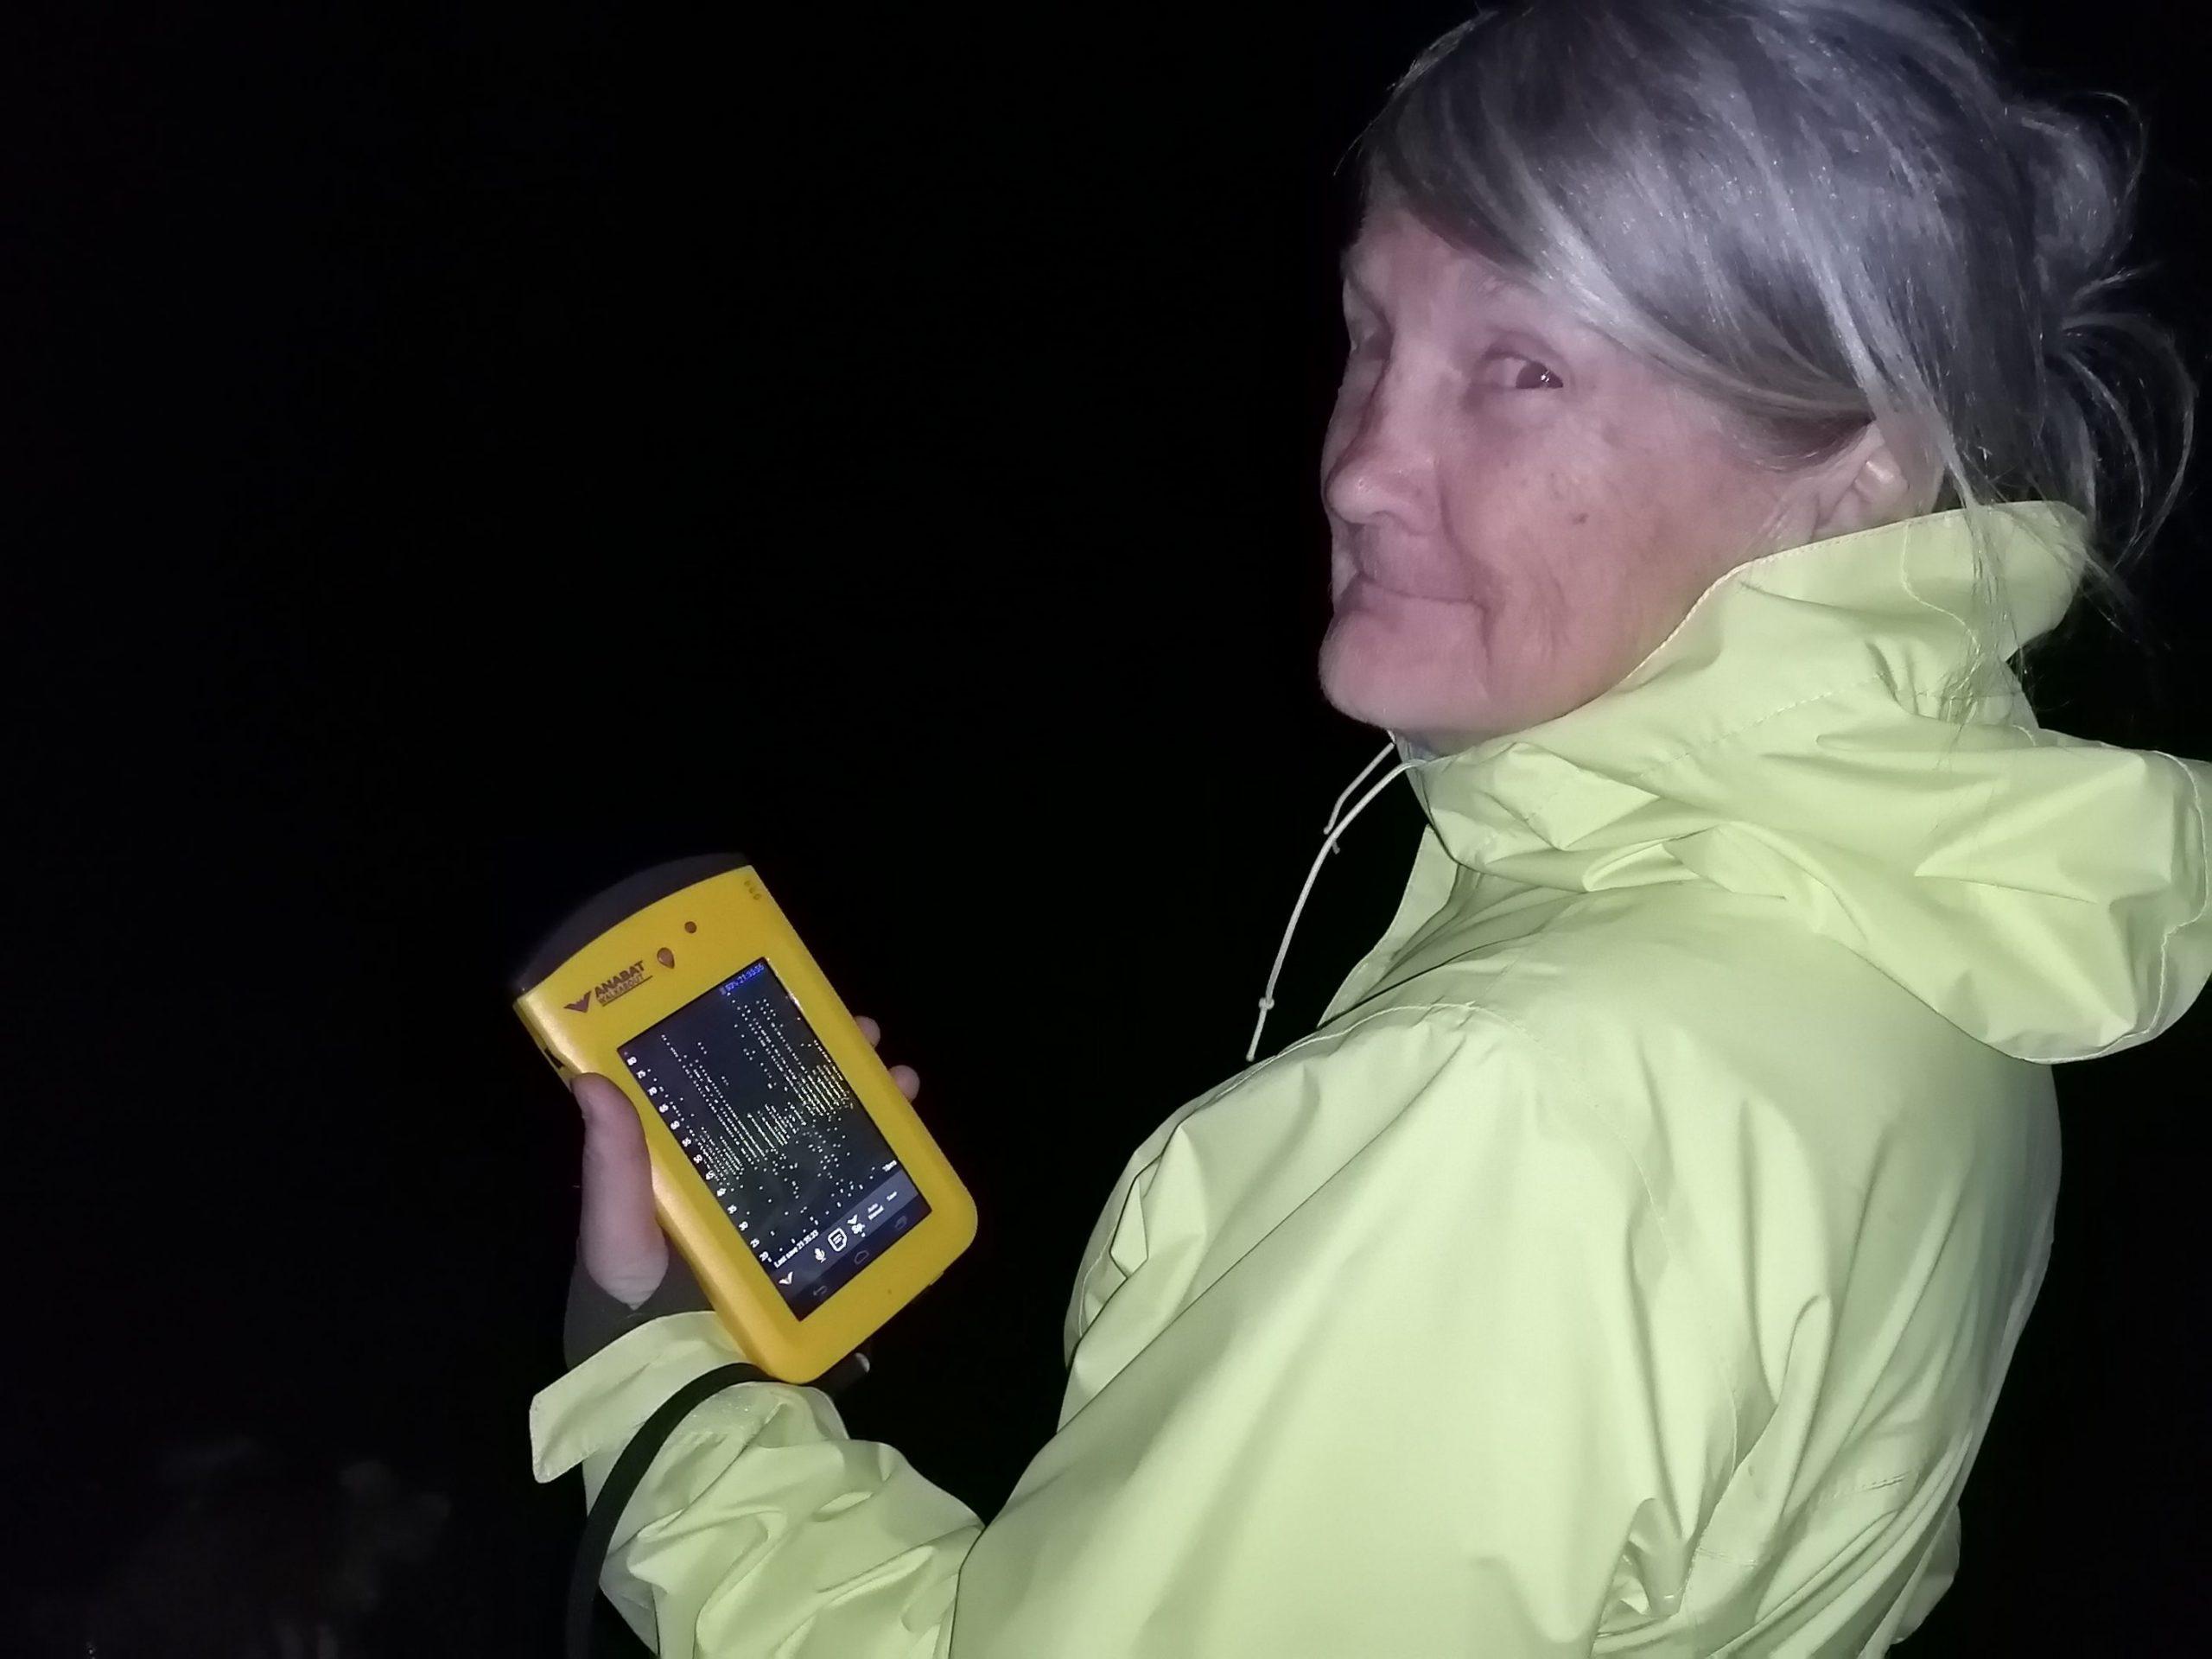 Une participante montre fièrement son anabat, le moniteur qui permet de détecter les cris de chauve-souris. Photo : Pascale Forget